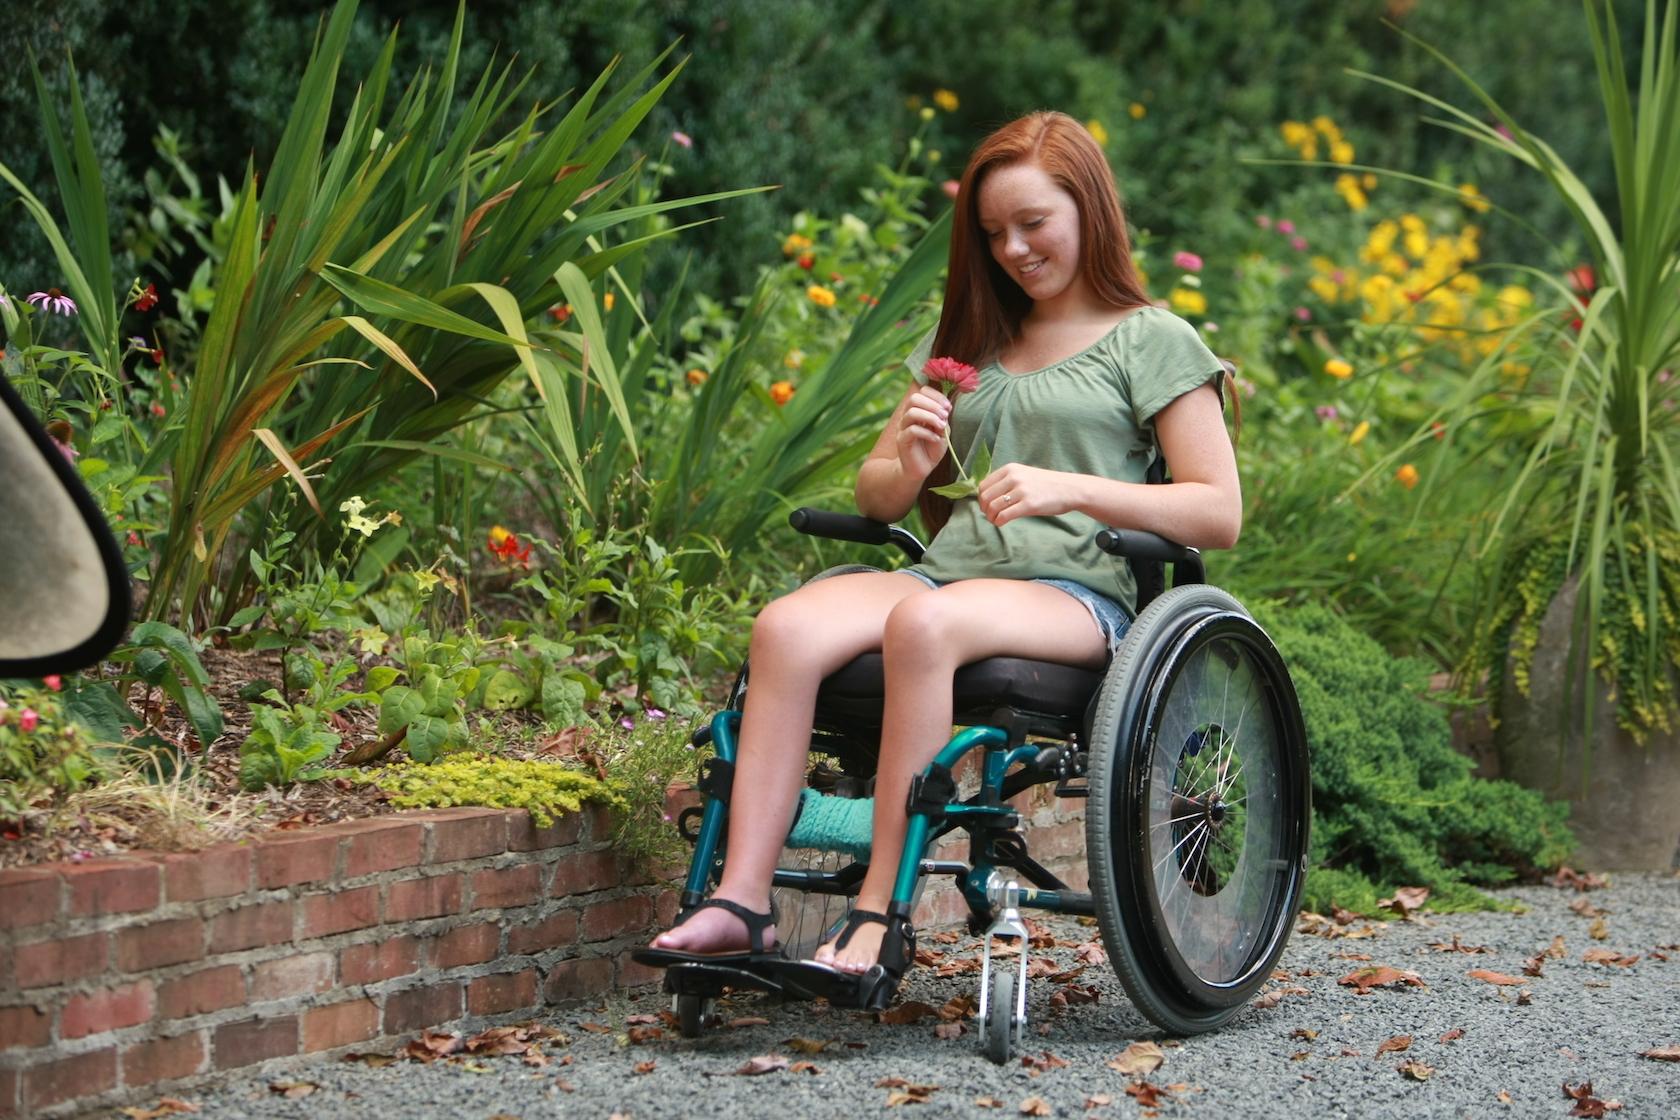 woman in front of garden